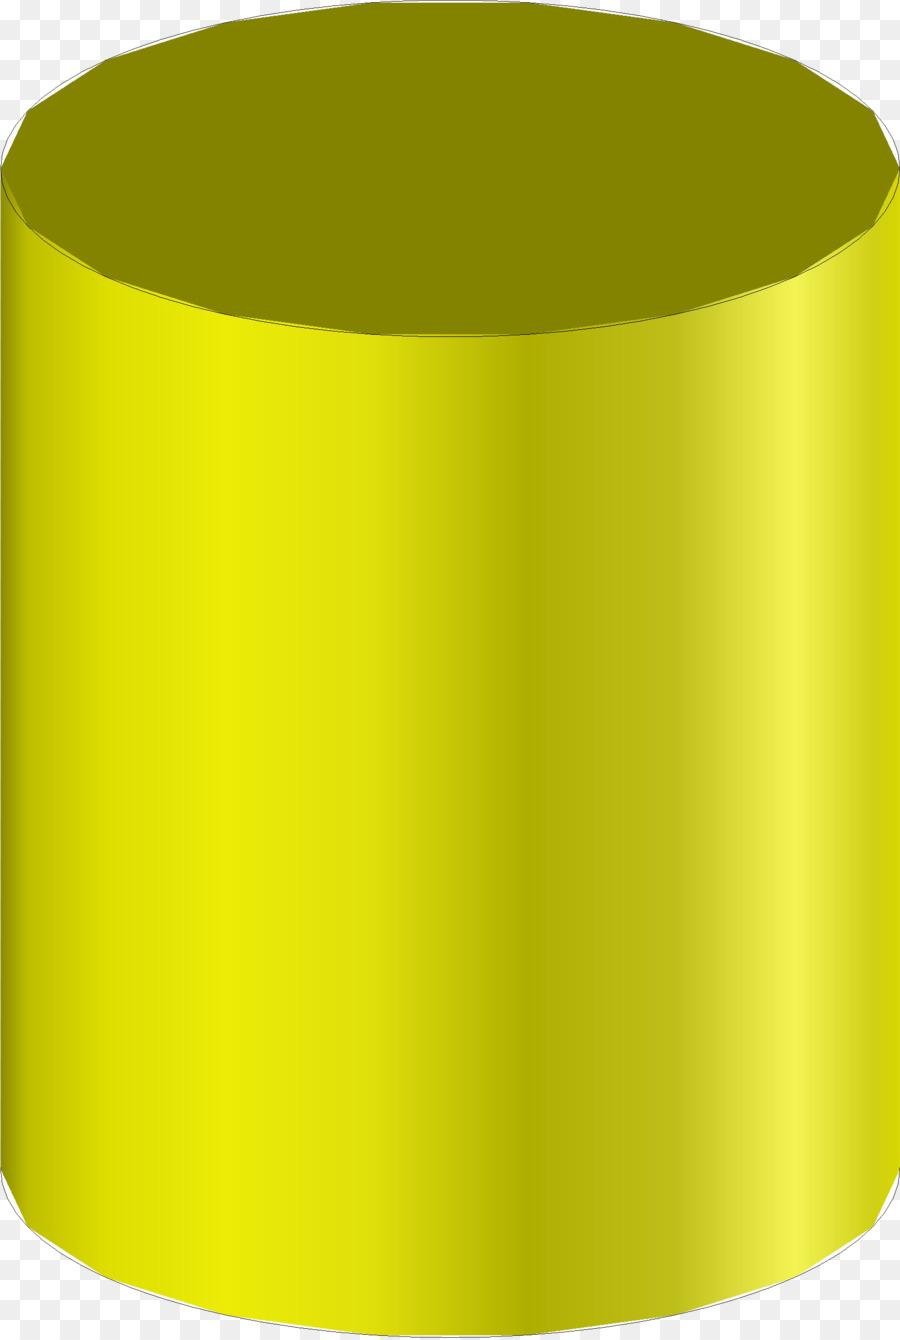 Цилиндр. виды, объём цилиндра, площадь поверхности :: syl.ru